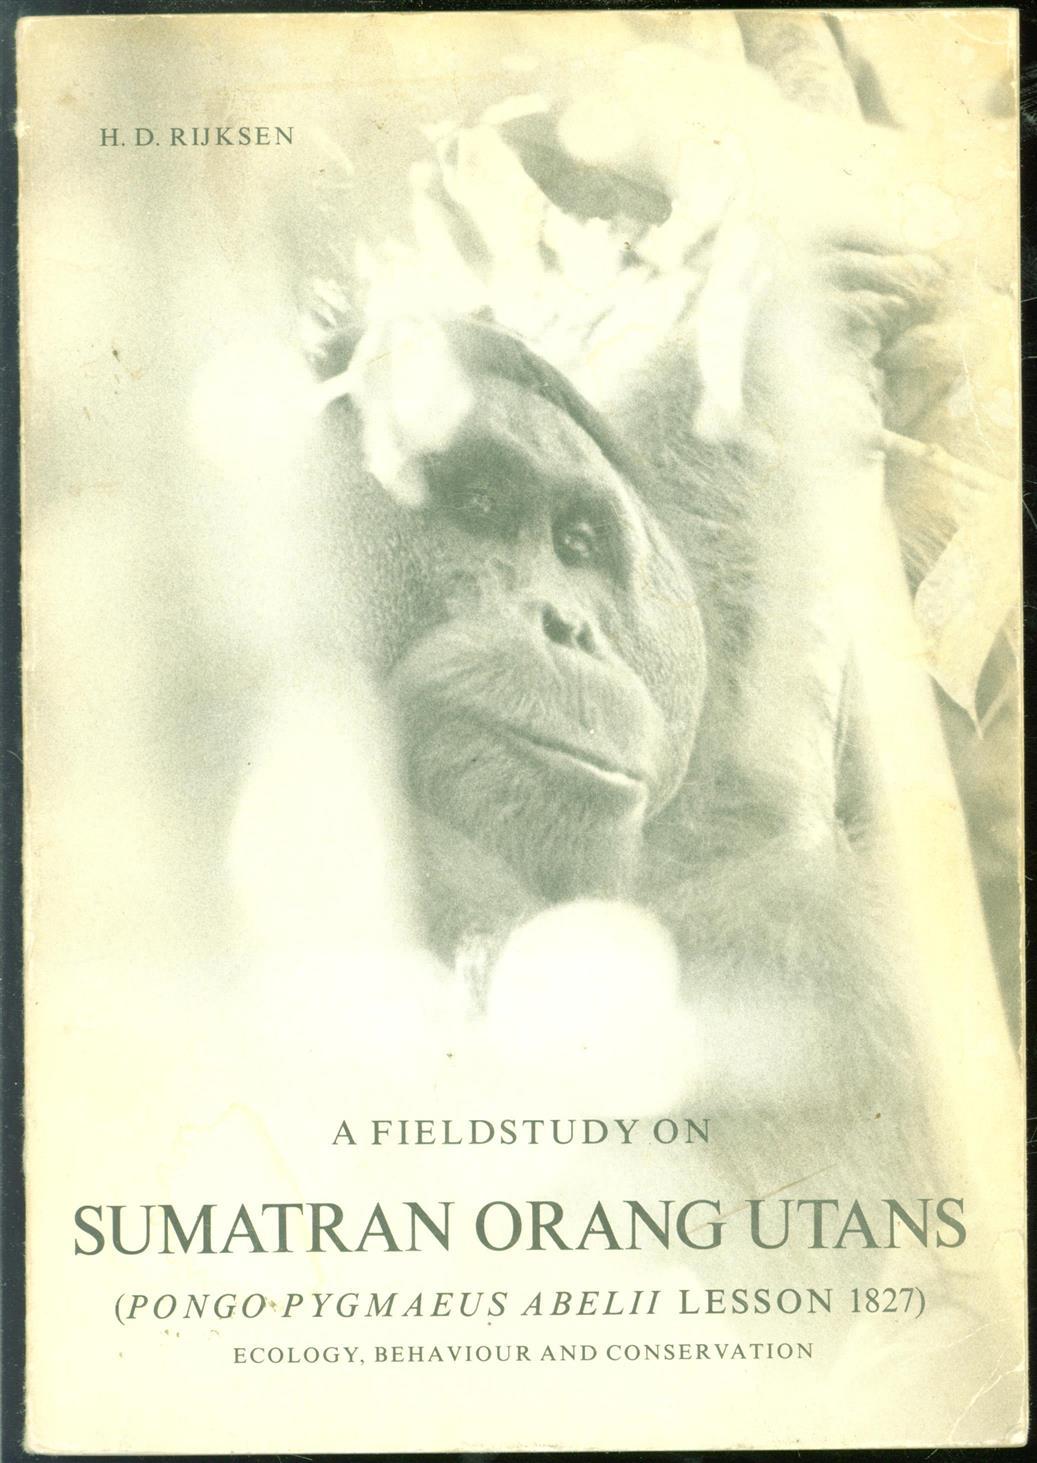 A fieldstudy on Sumatran or...